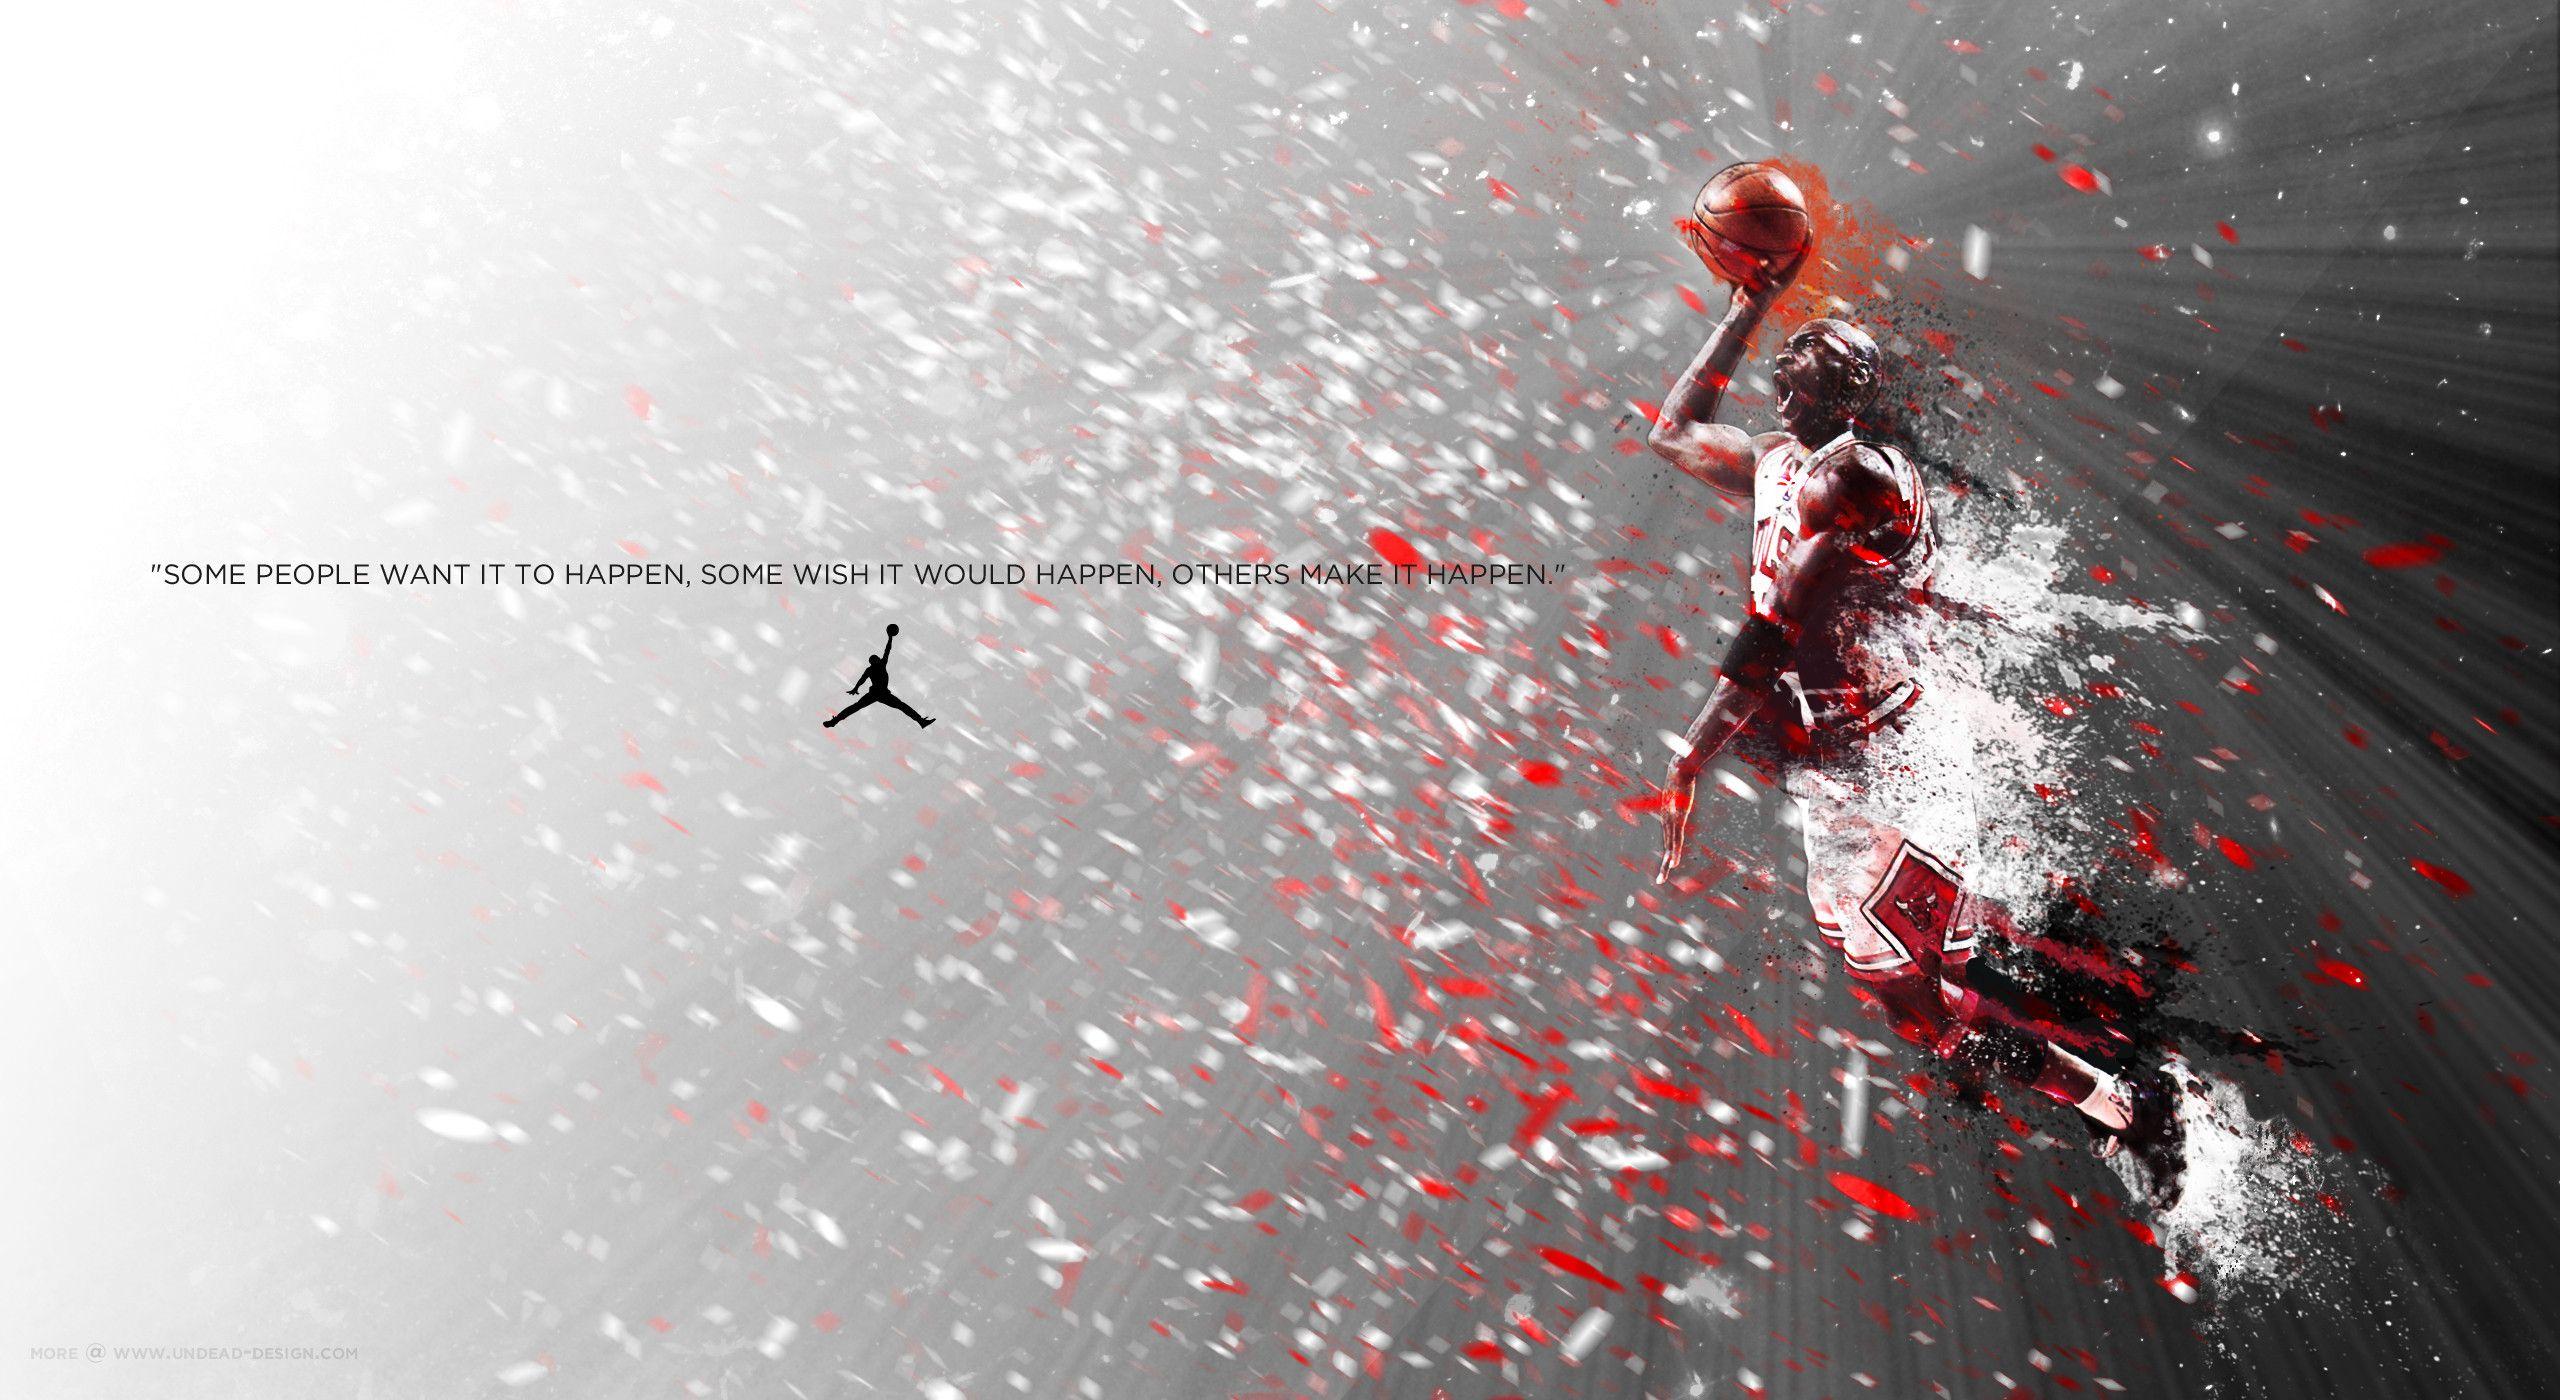 Michael Jordan Quote Hd Wallpapers Free Download: Michael Jordan HD Wallpapers Download